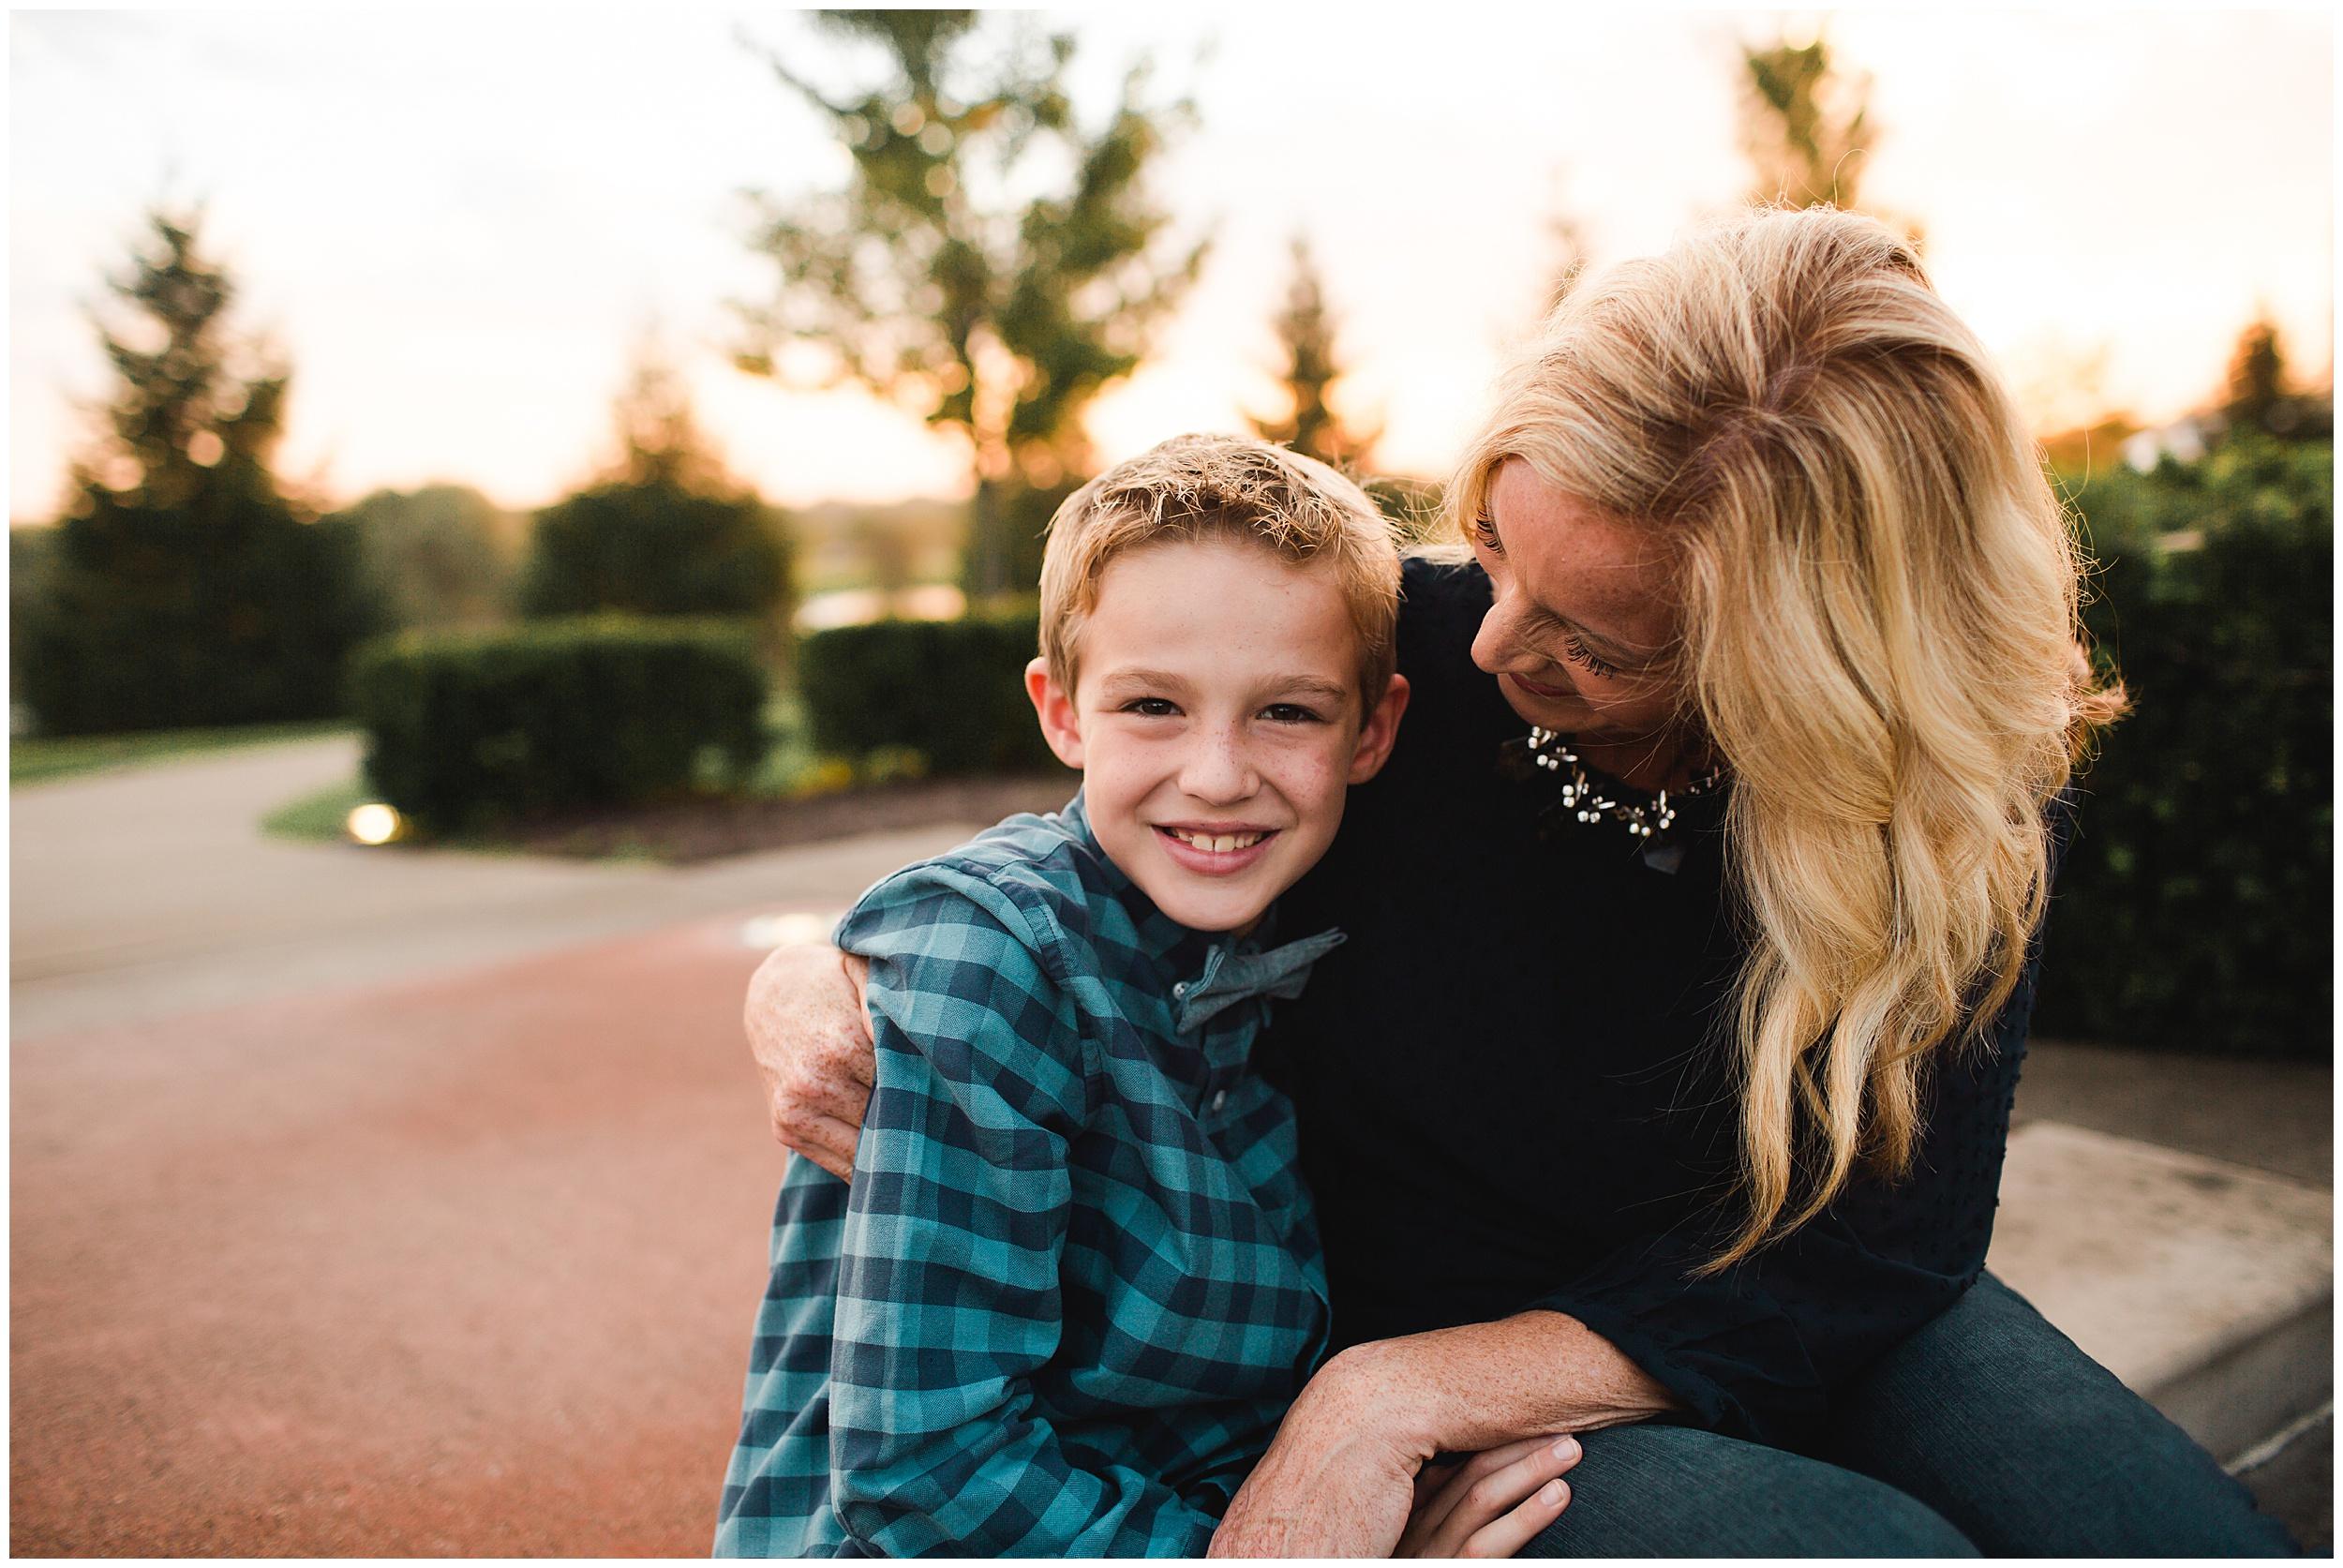 Indianapolis Family Photographer_Kelli White Photography_IG_0258.jpg